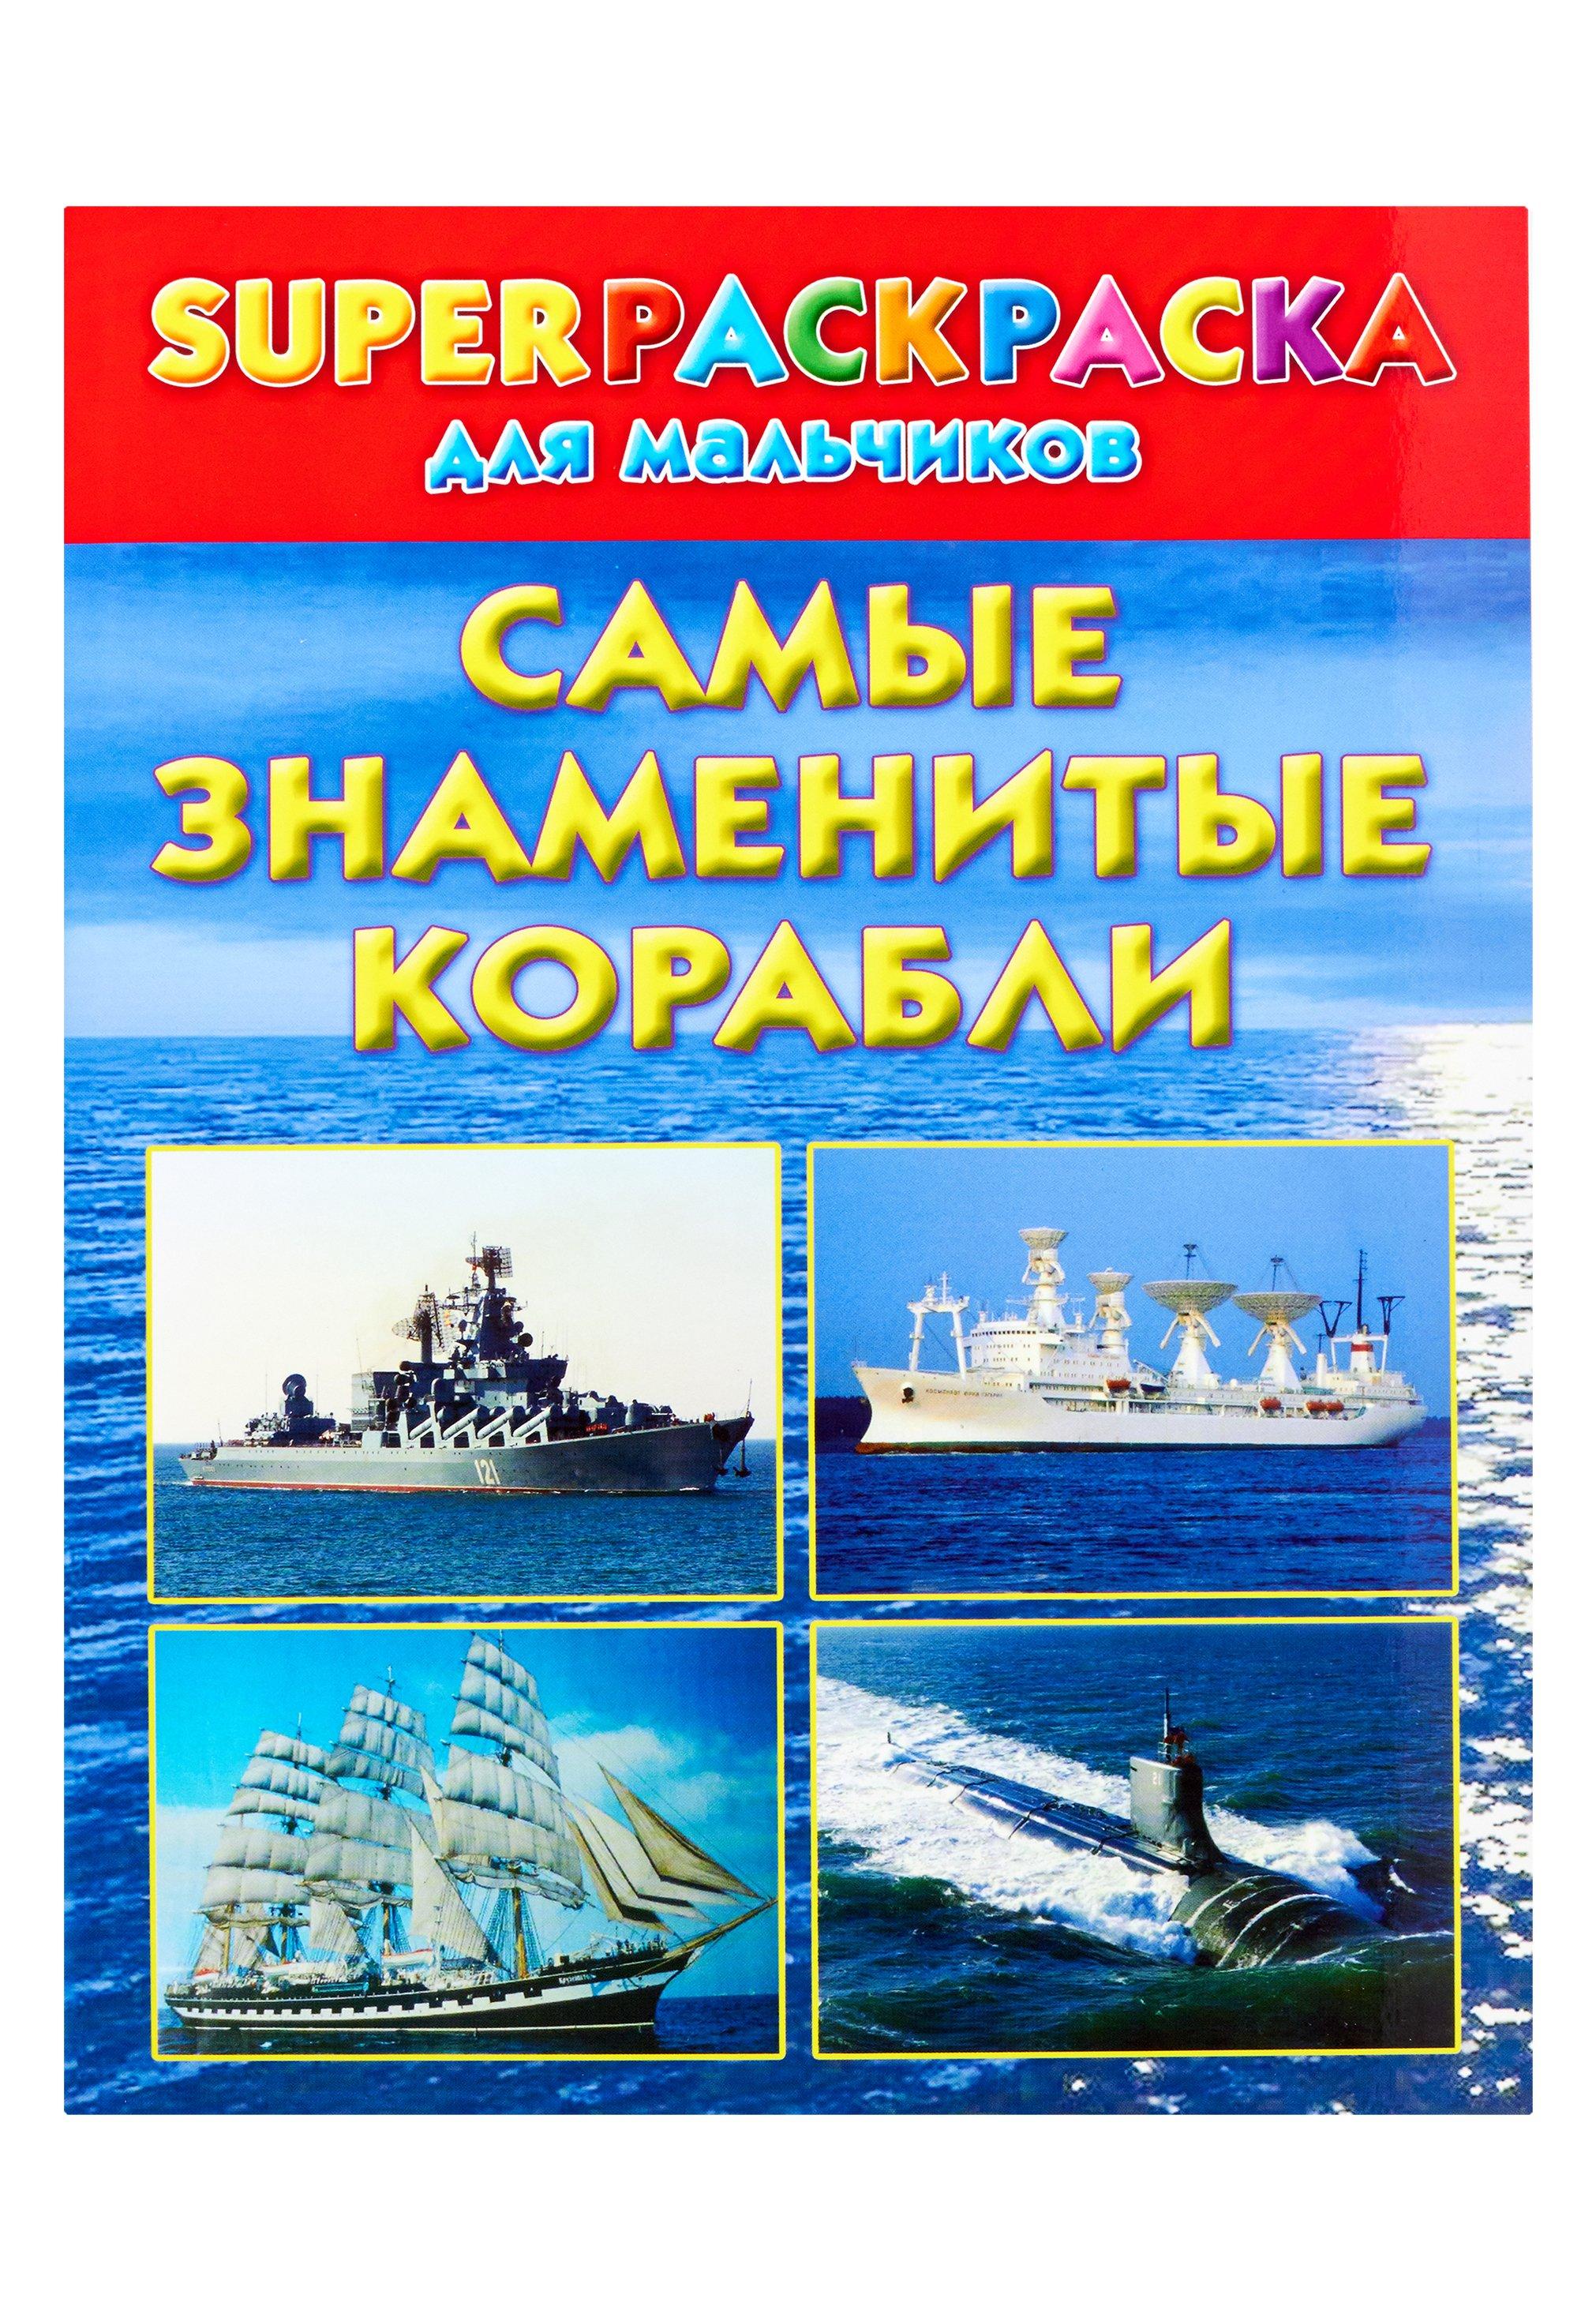 цена на Рахманов А.В. Суперраскраска для мальчиков. Самые знаменитые корабли